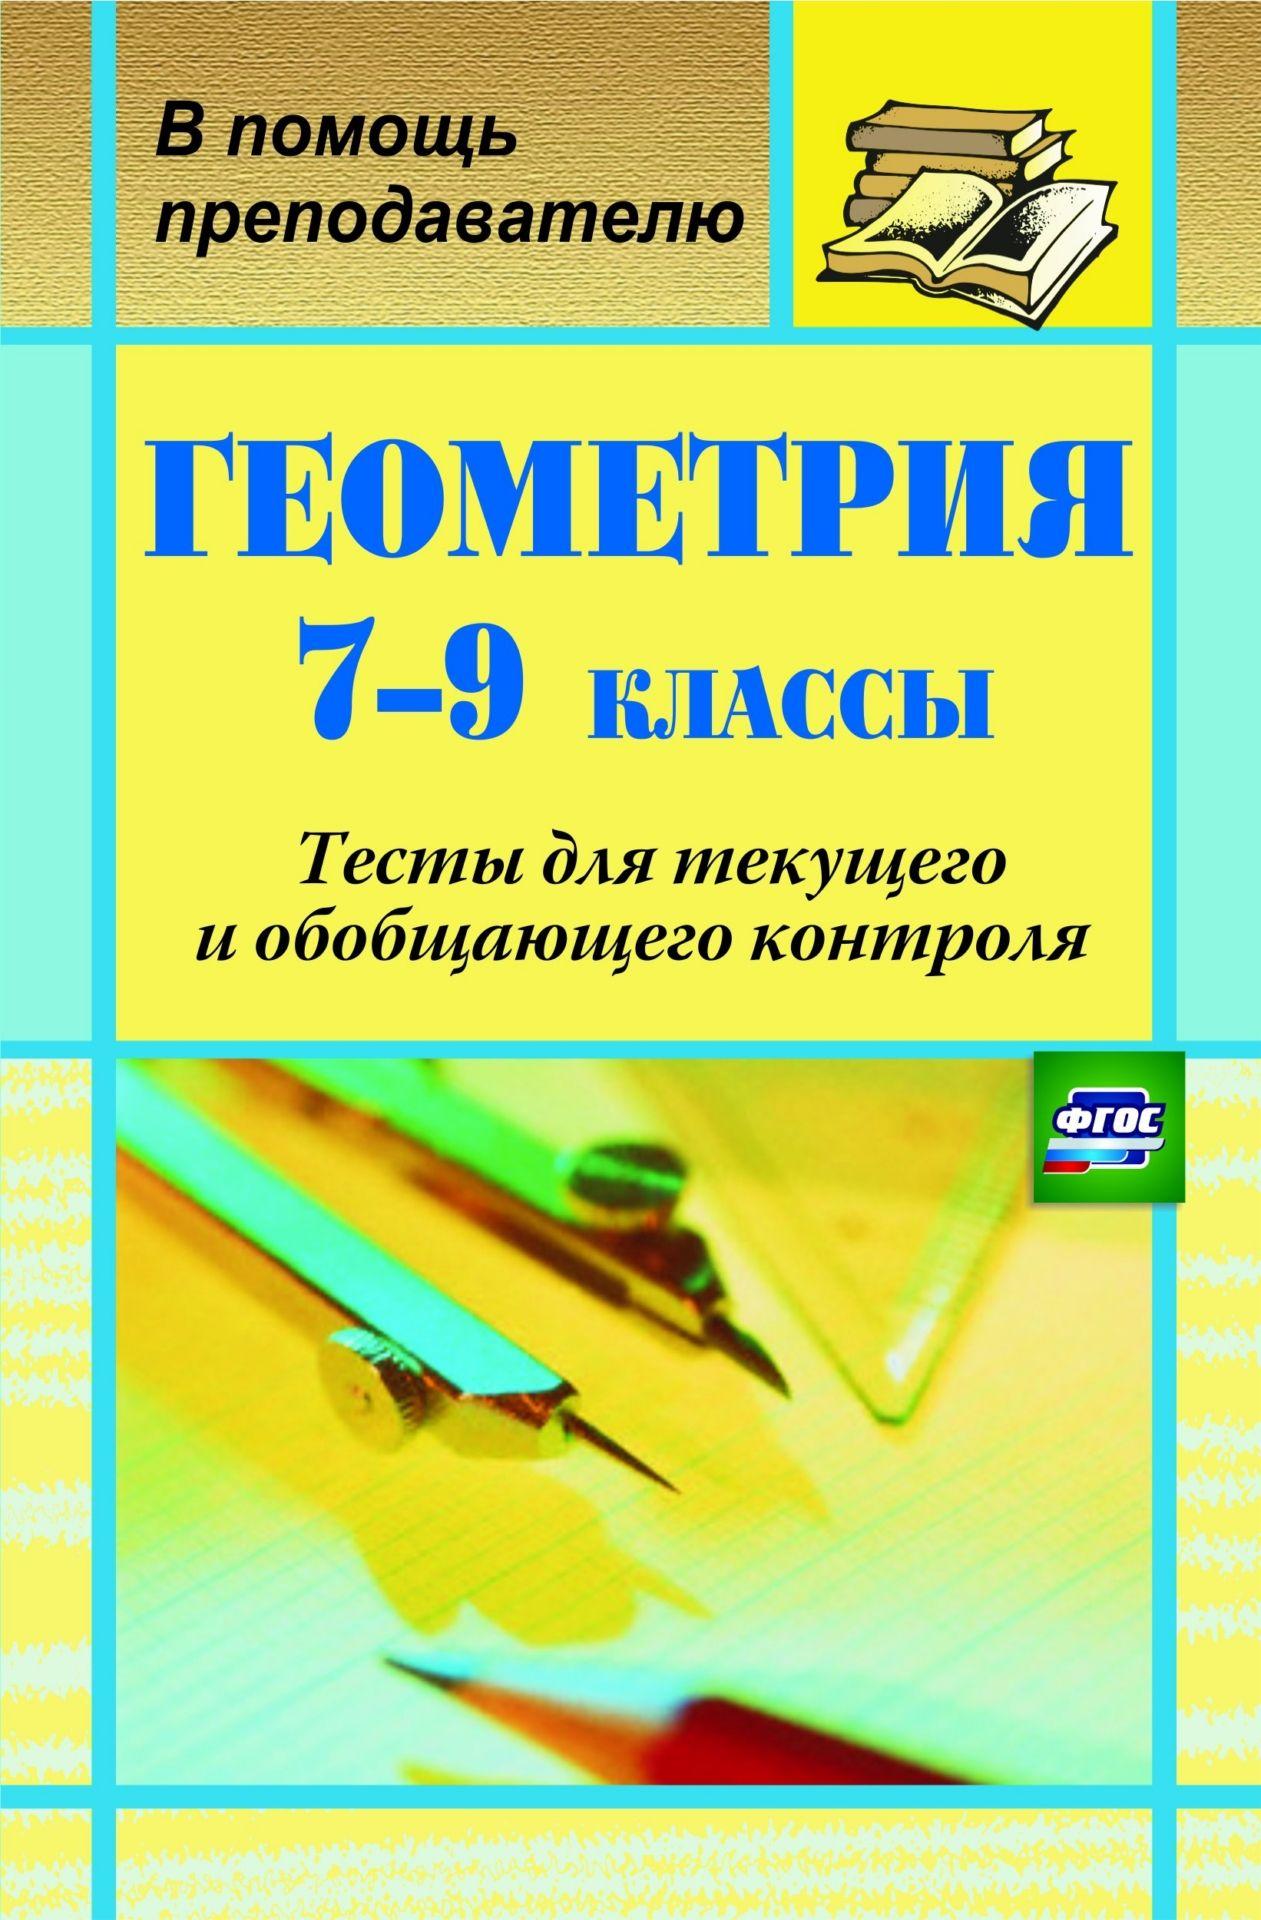 Геометрия. 7-9 классы: тесты для текущего и обобщающего контроляПредметы<br>В пособии представлены тесты по геометрии для 7-9 классов, которые можно использовать как для организации контроля знаний, так и для подготовки к обобщающему уроку или зачету по теме, в качестве домашнего задания.Предложенные вопросы и задачи помогут орга...<br><br>Авторы: Ковалева Г. И., Мазурова Н. И.<br>Год: 2017<br>Серия: В помощь преподавателю<br>ISBN: 978-5-7057-1521-3, 978-5-7057-4300-1<br>Высота: 210<br>Ширина: 140<br>Толщина: 8<br>Переплёт: мягкая, склейка